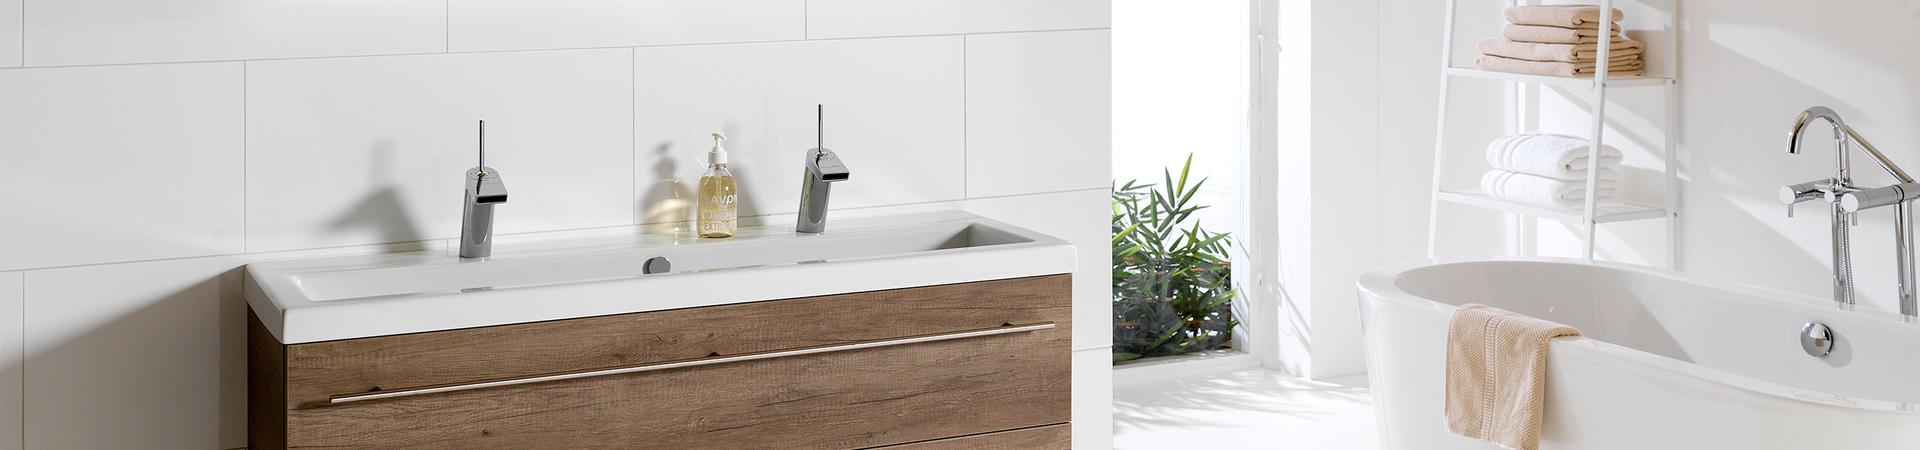 Scandinavische woonstijl in de badkamer - Scandinavische woonstijl in de badkamer